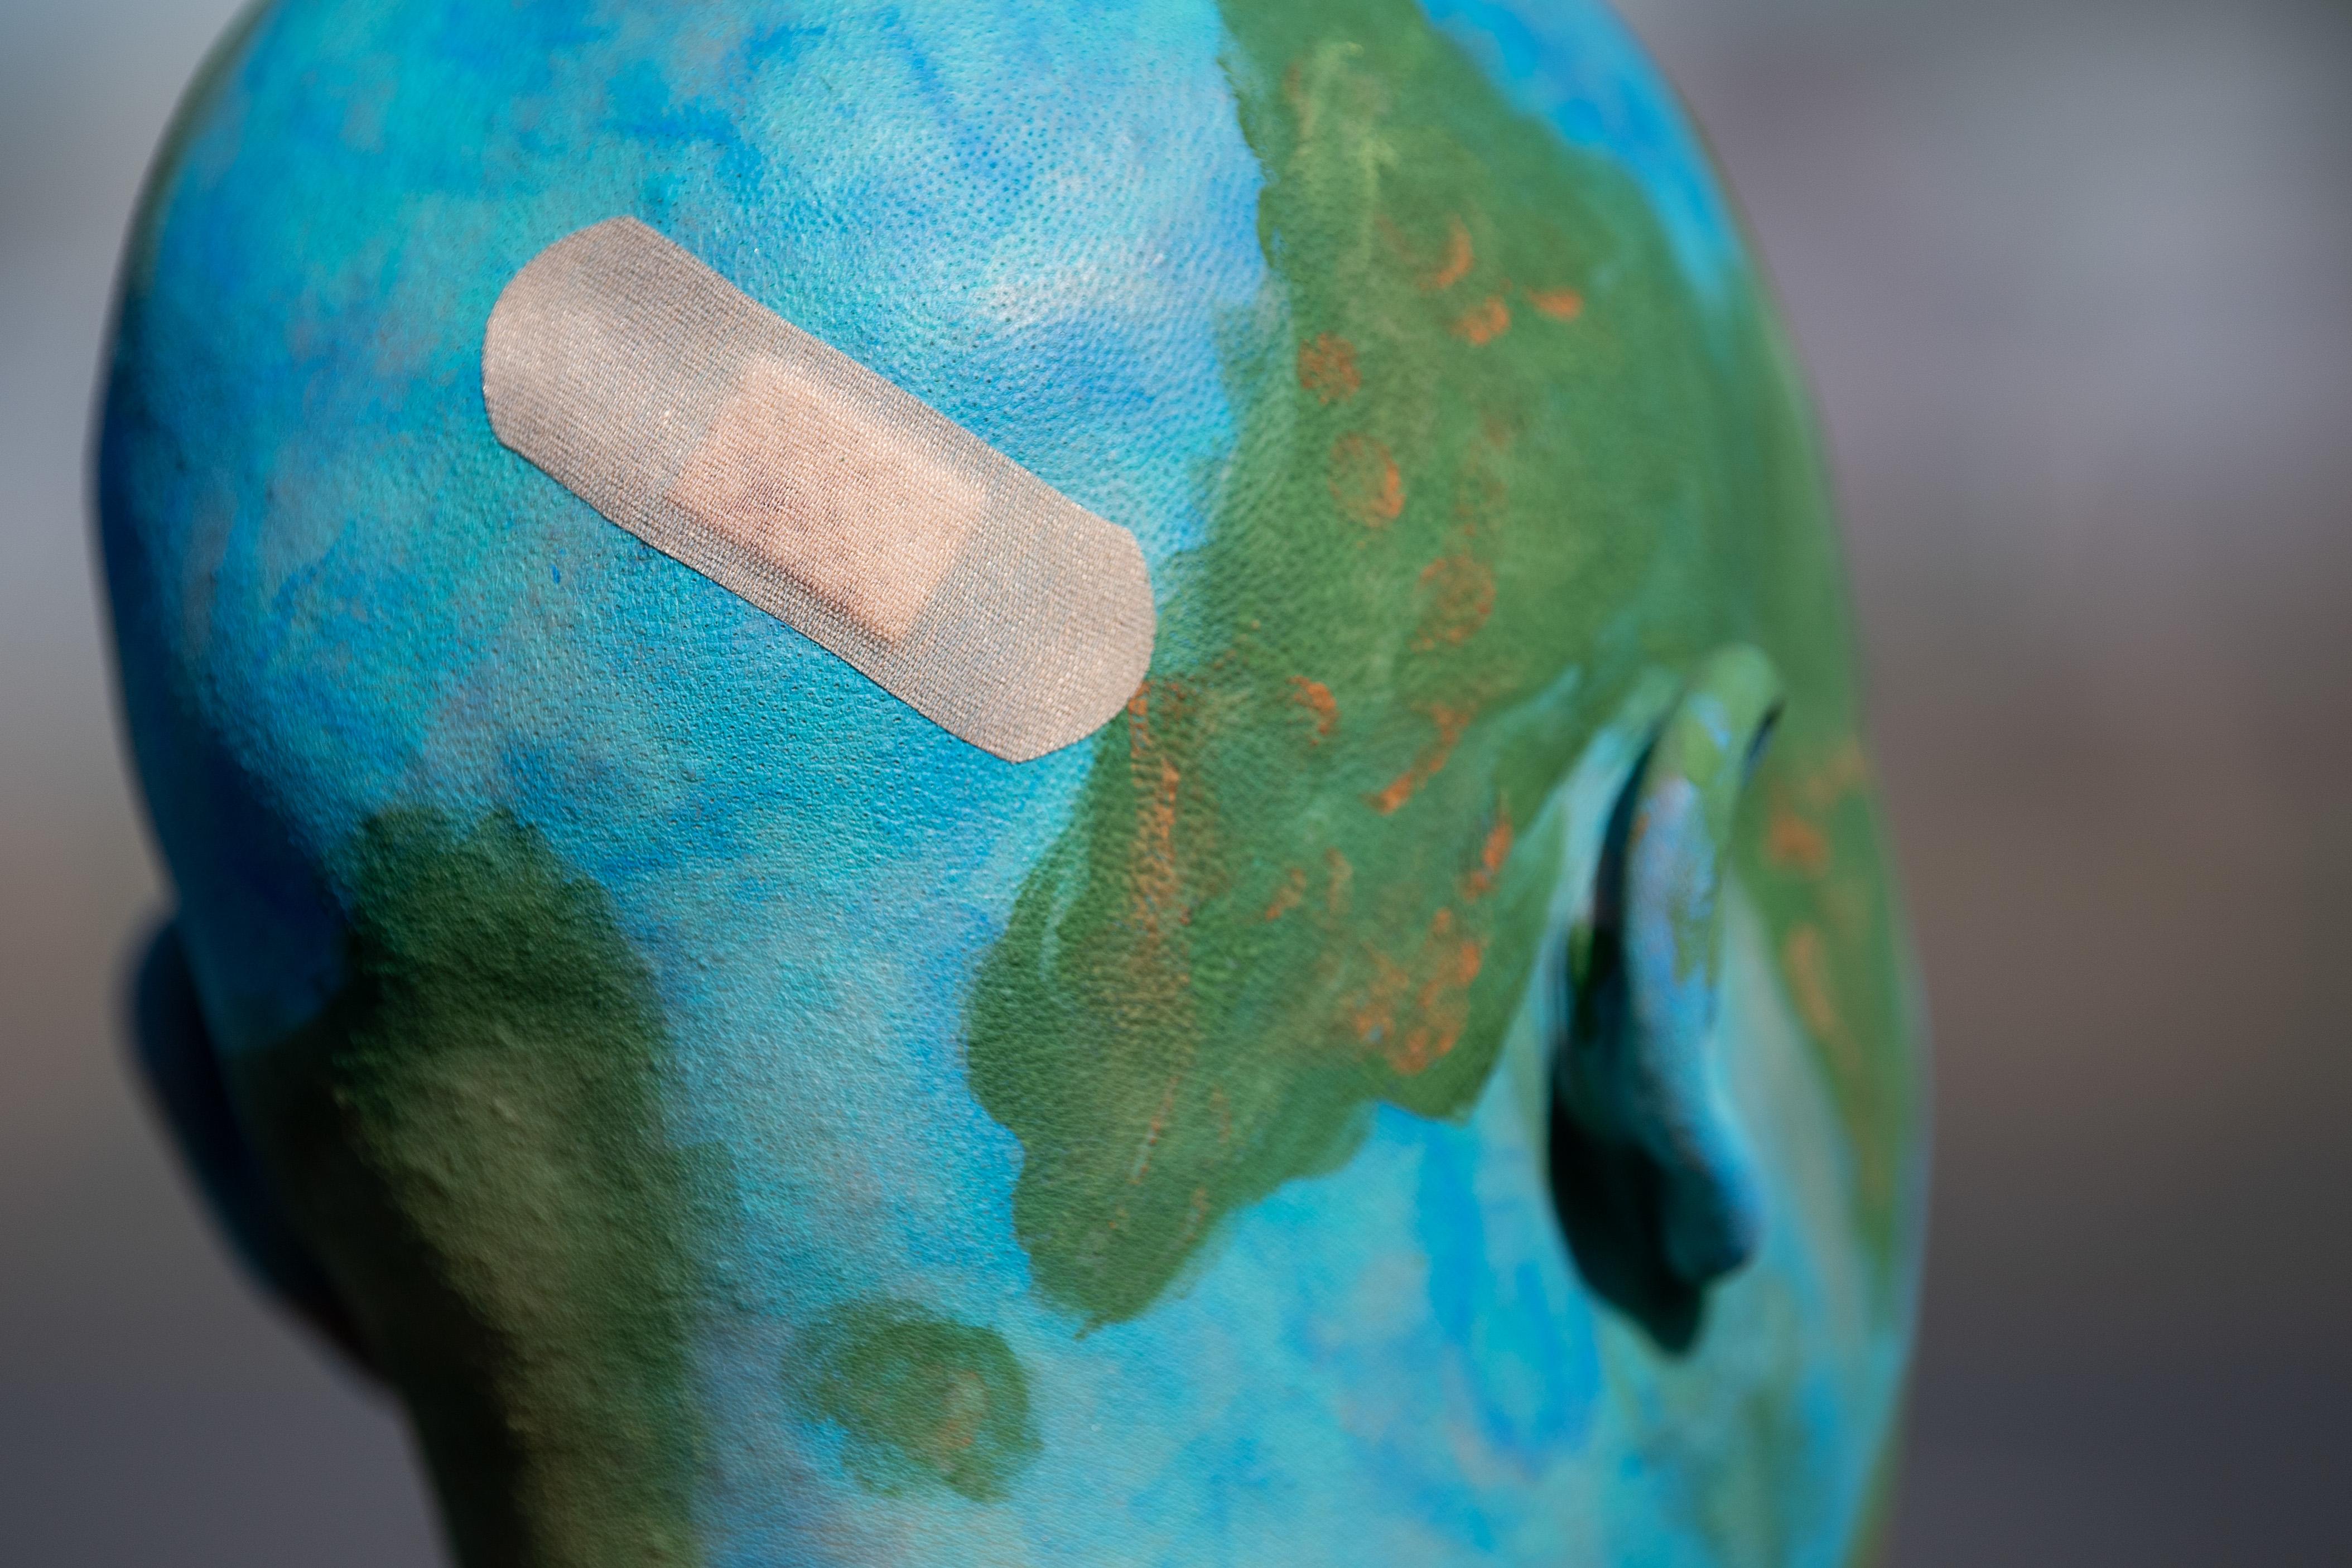 40 ország meghívásával szervez globális klímacsúcsot a Fehér Ház